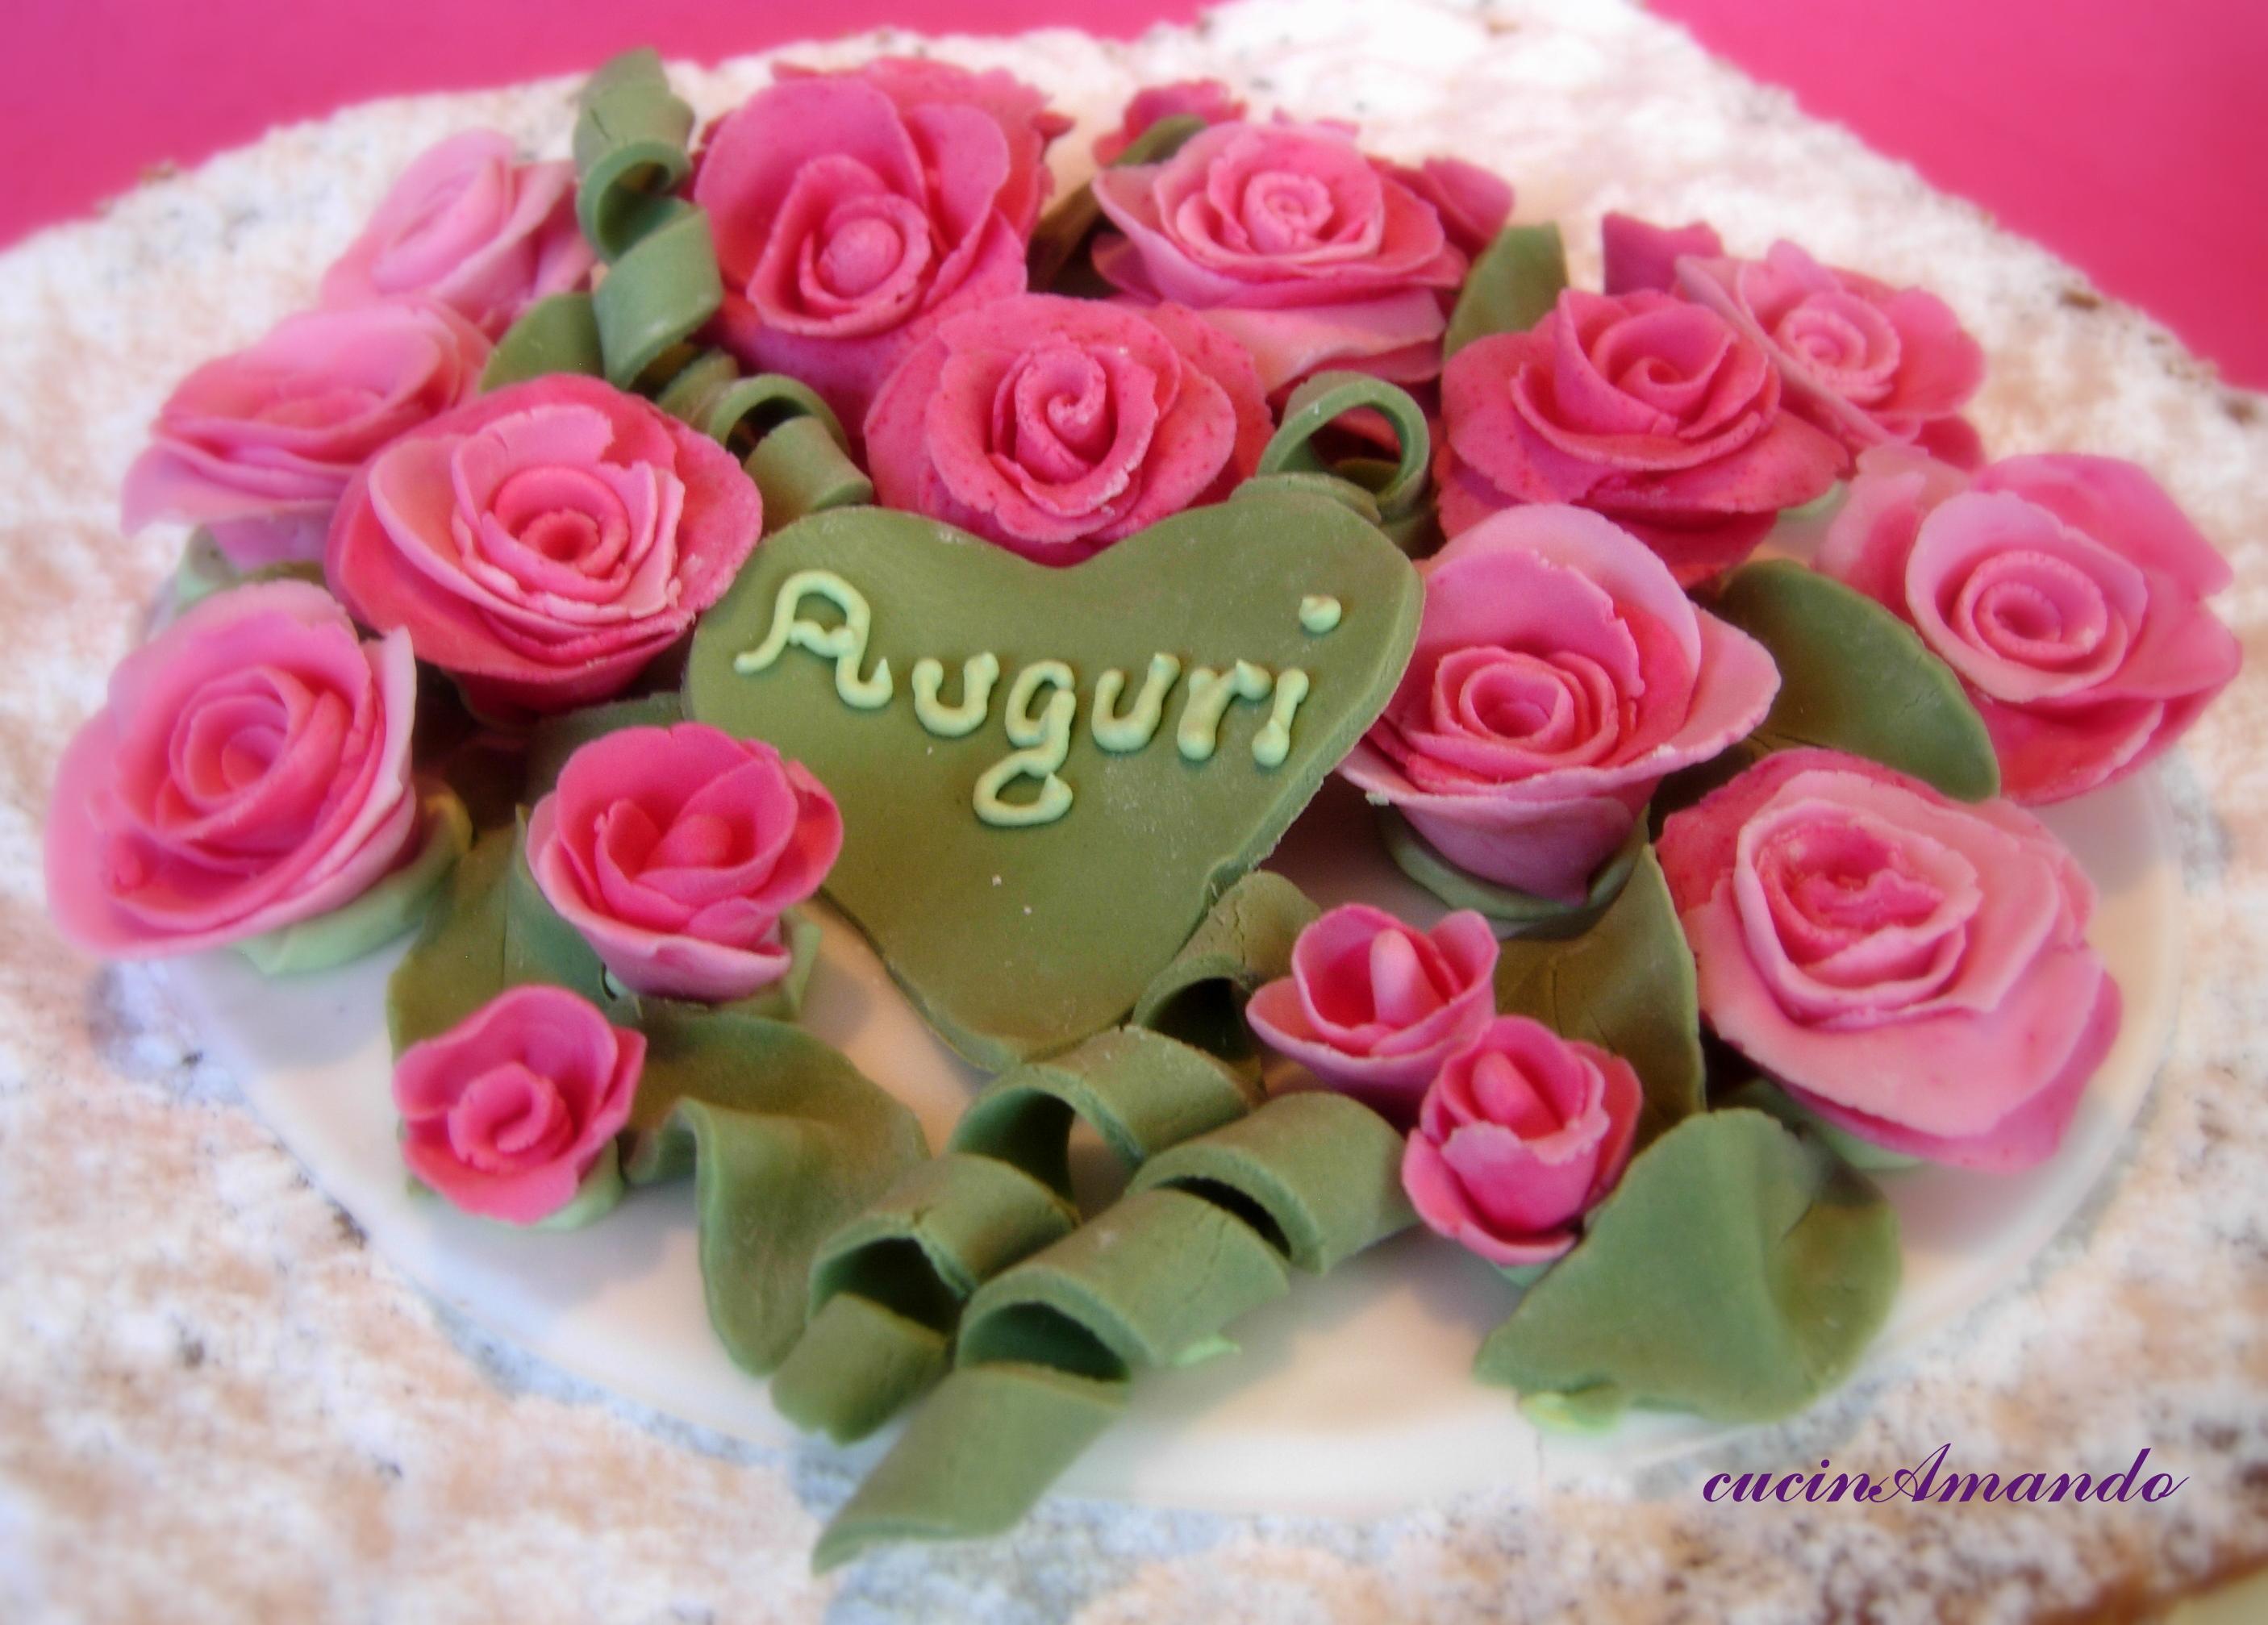 Fabuleux Torta diplomatica con rose di zucchero | cucinAmando LM65